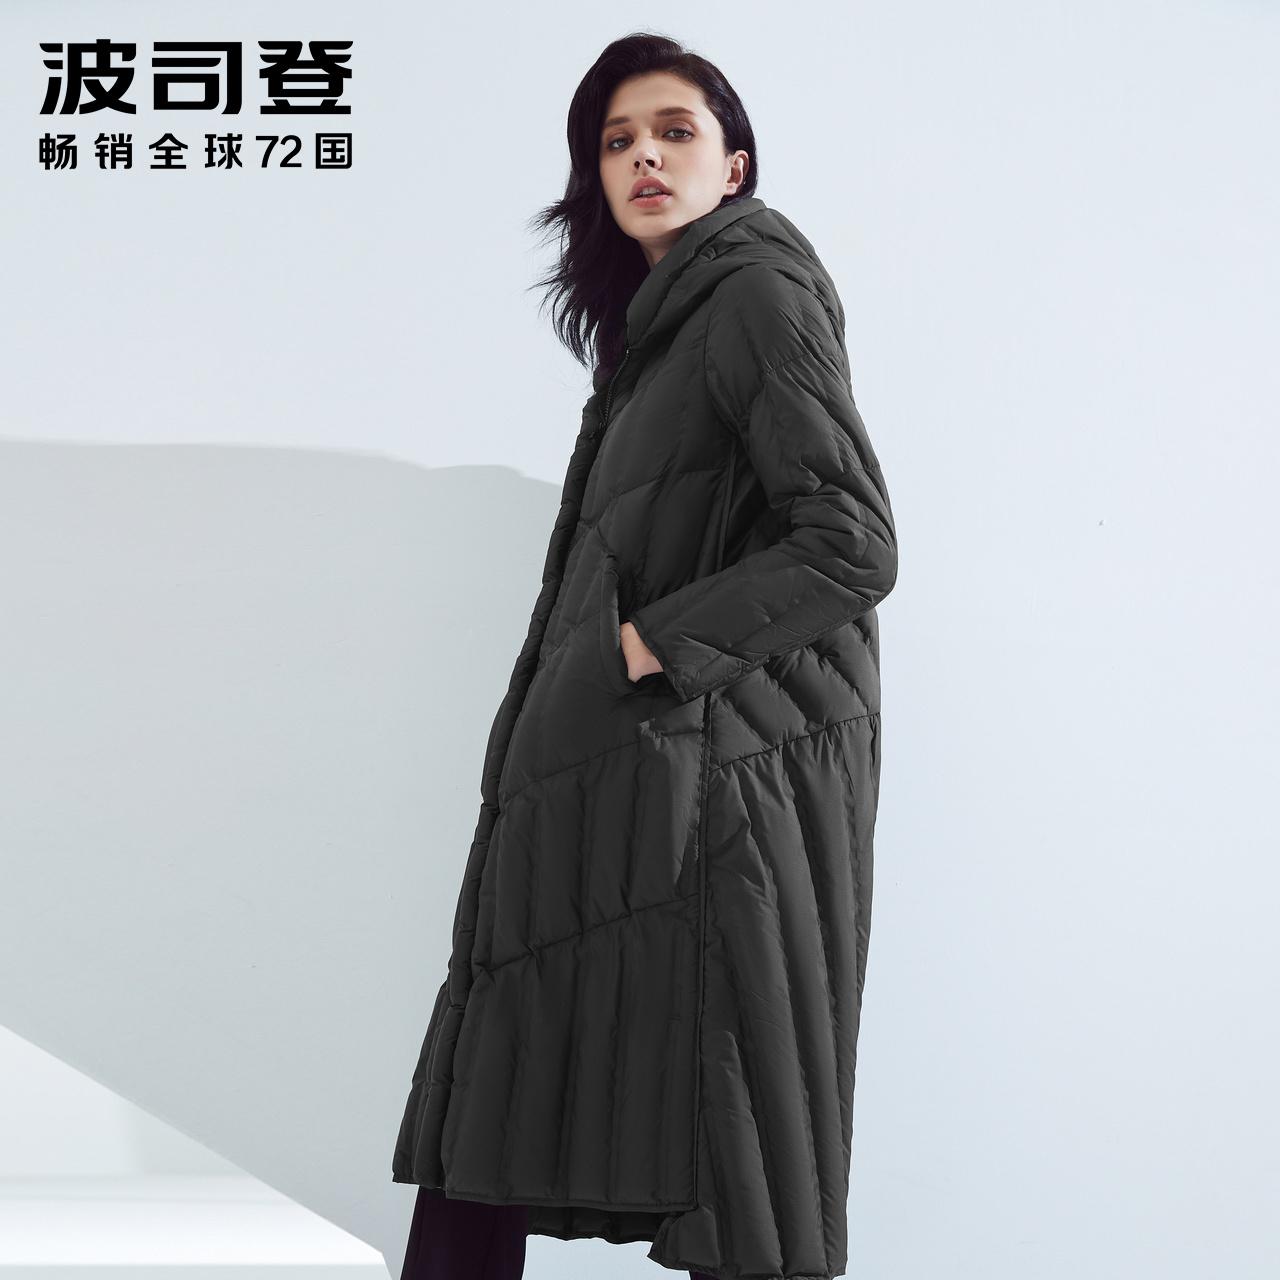 波司登新款羽绒服女中长款连帽休闲百搭长款冬季外套女B80131116